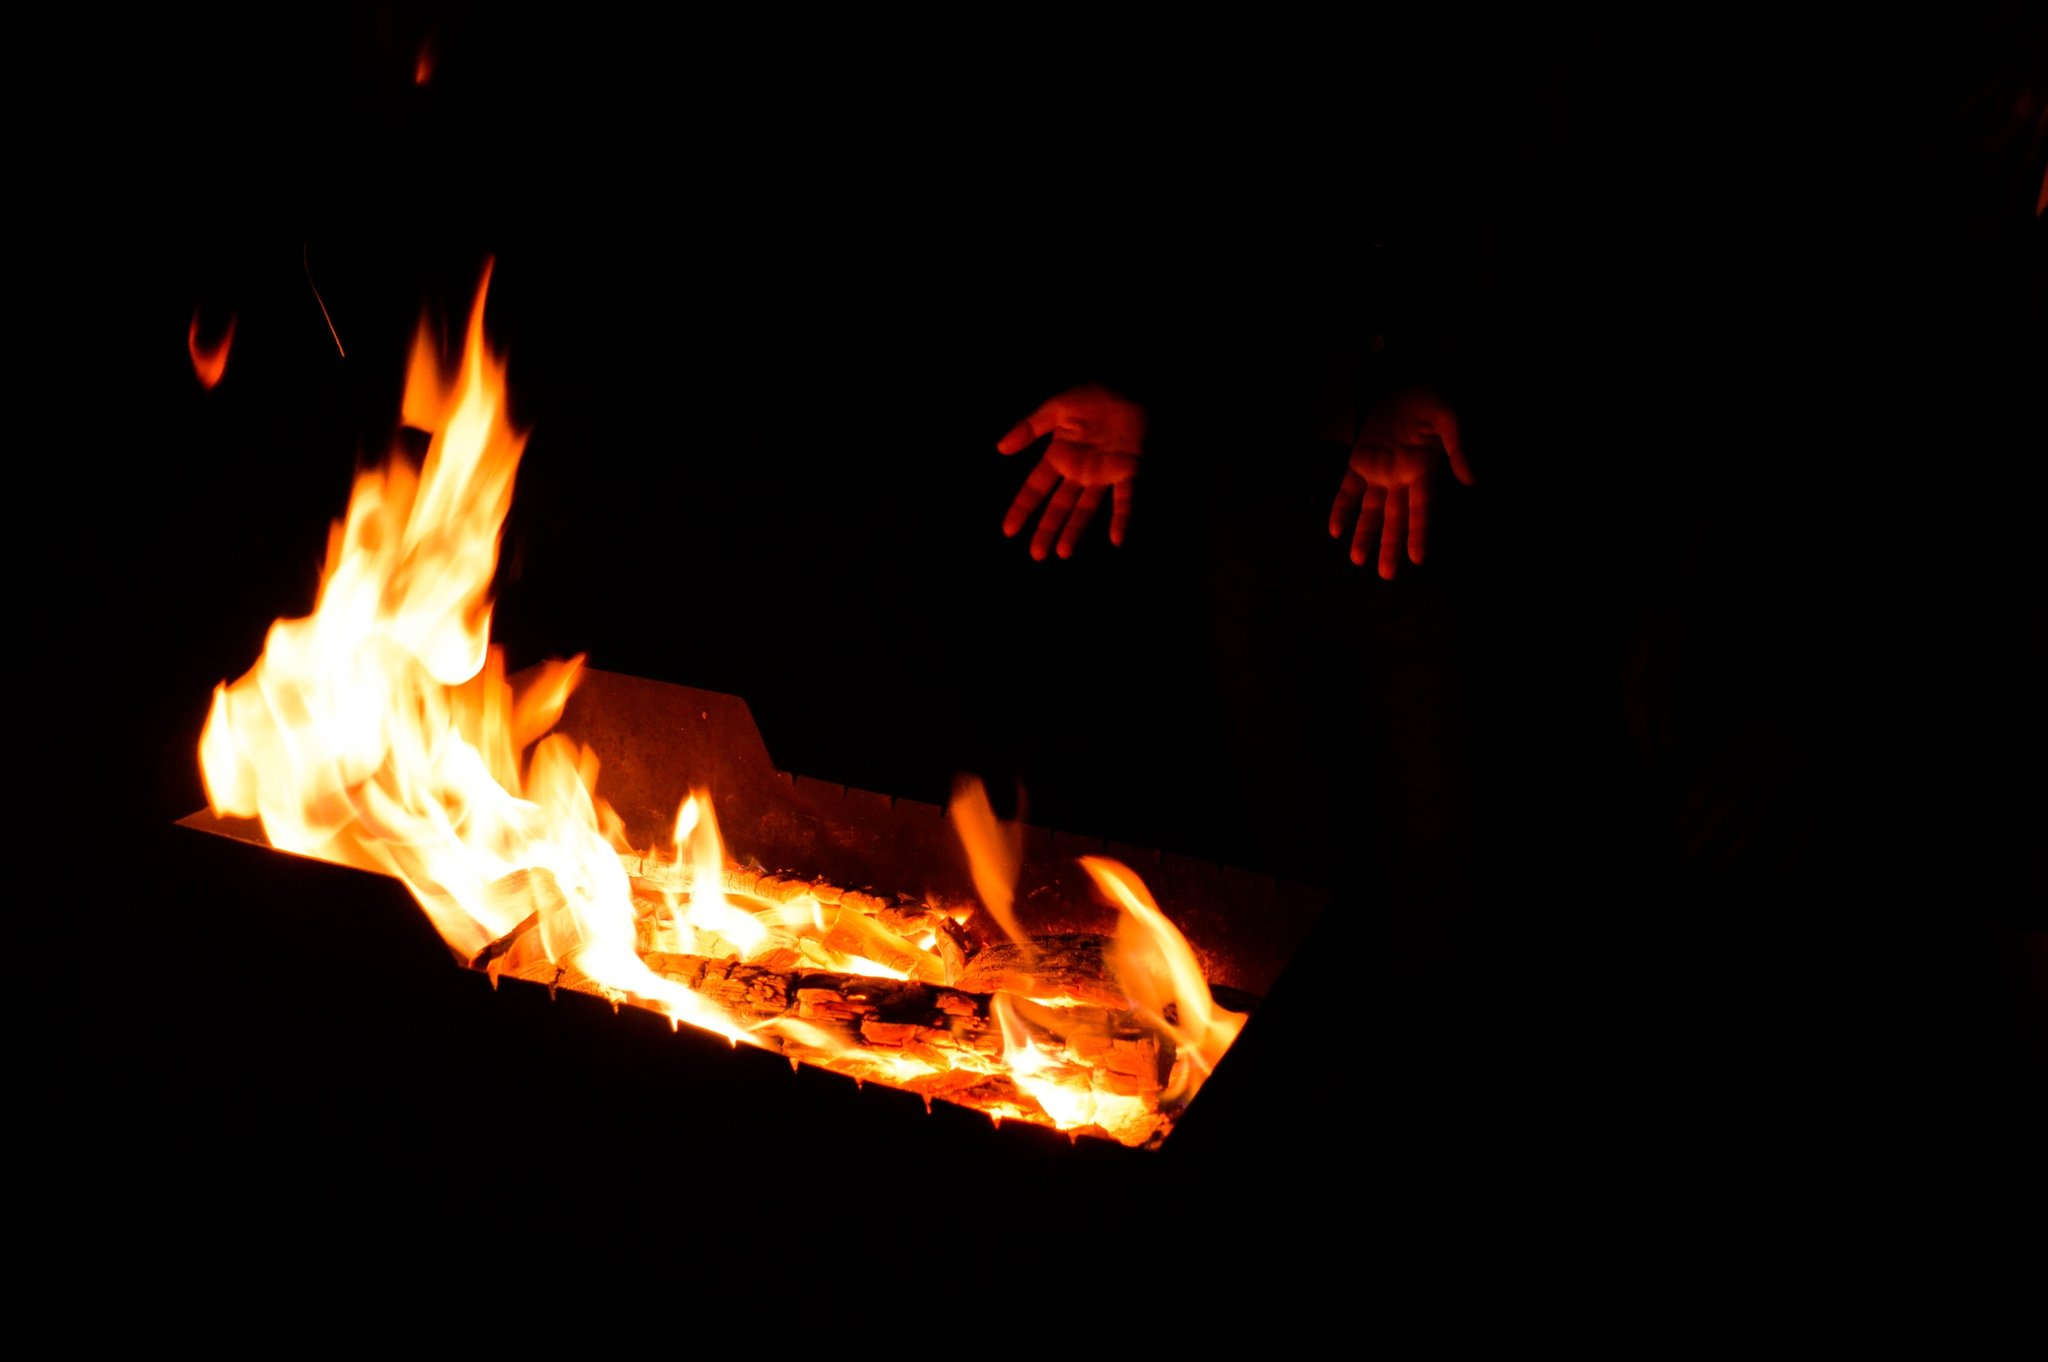 Как правильно фотографировать огонь вам необходимо